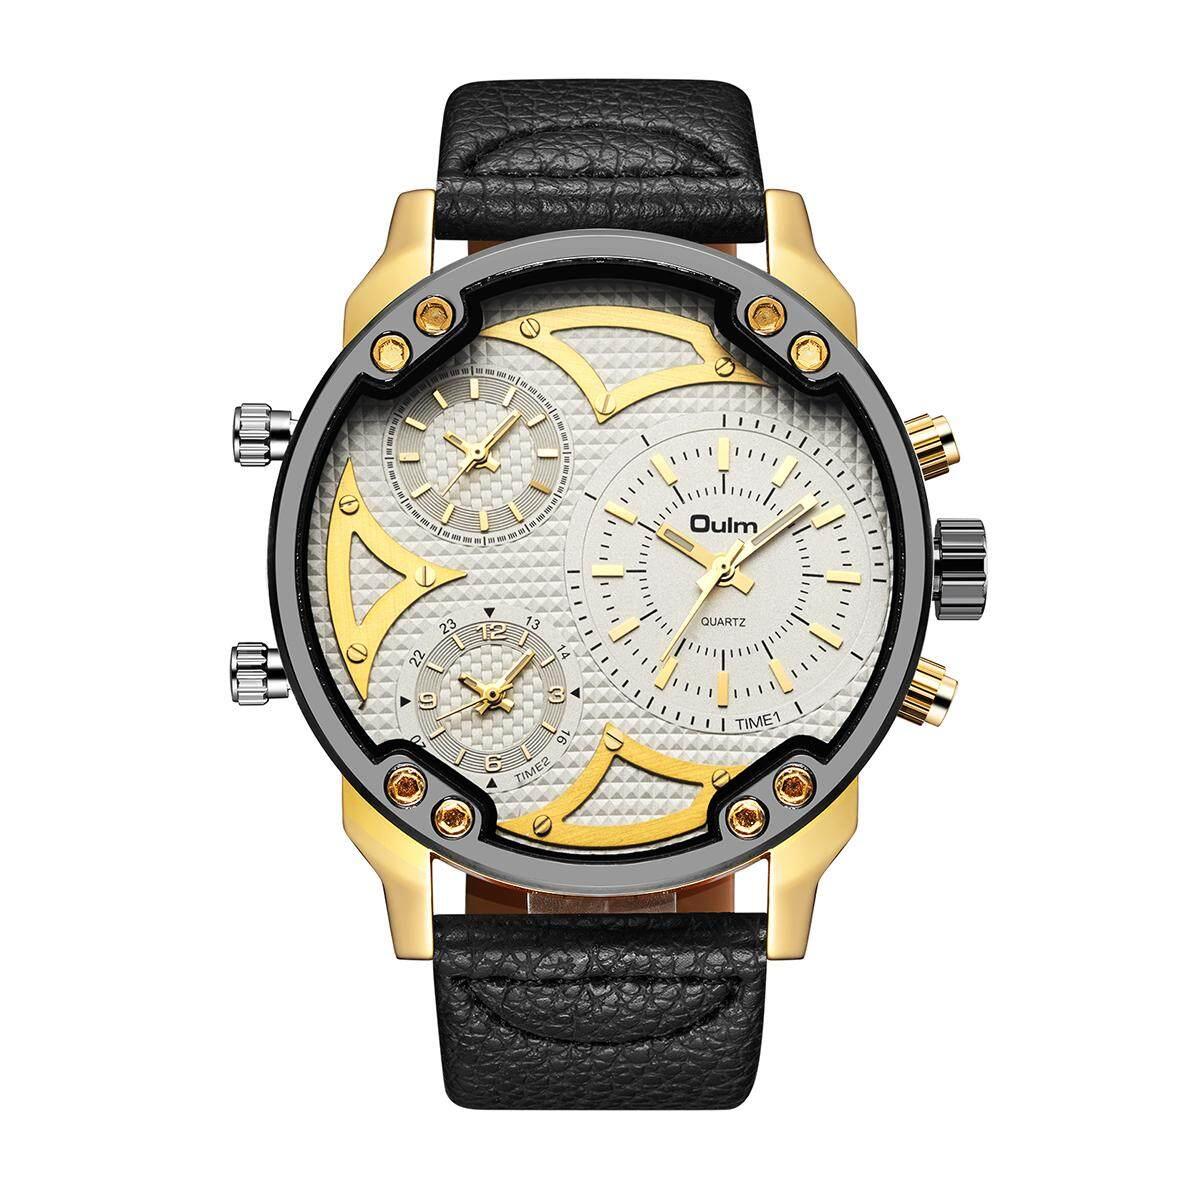 Whatsko Oulm 56 Mm Muka Arloji Besar Pria's Watch Tentara Militer Kuarsa Jam Olahraga Tali Ikat Baja Anti Karat Jam Tangan untuk Pria HP3548